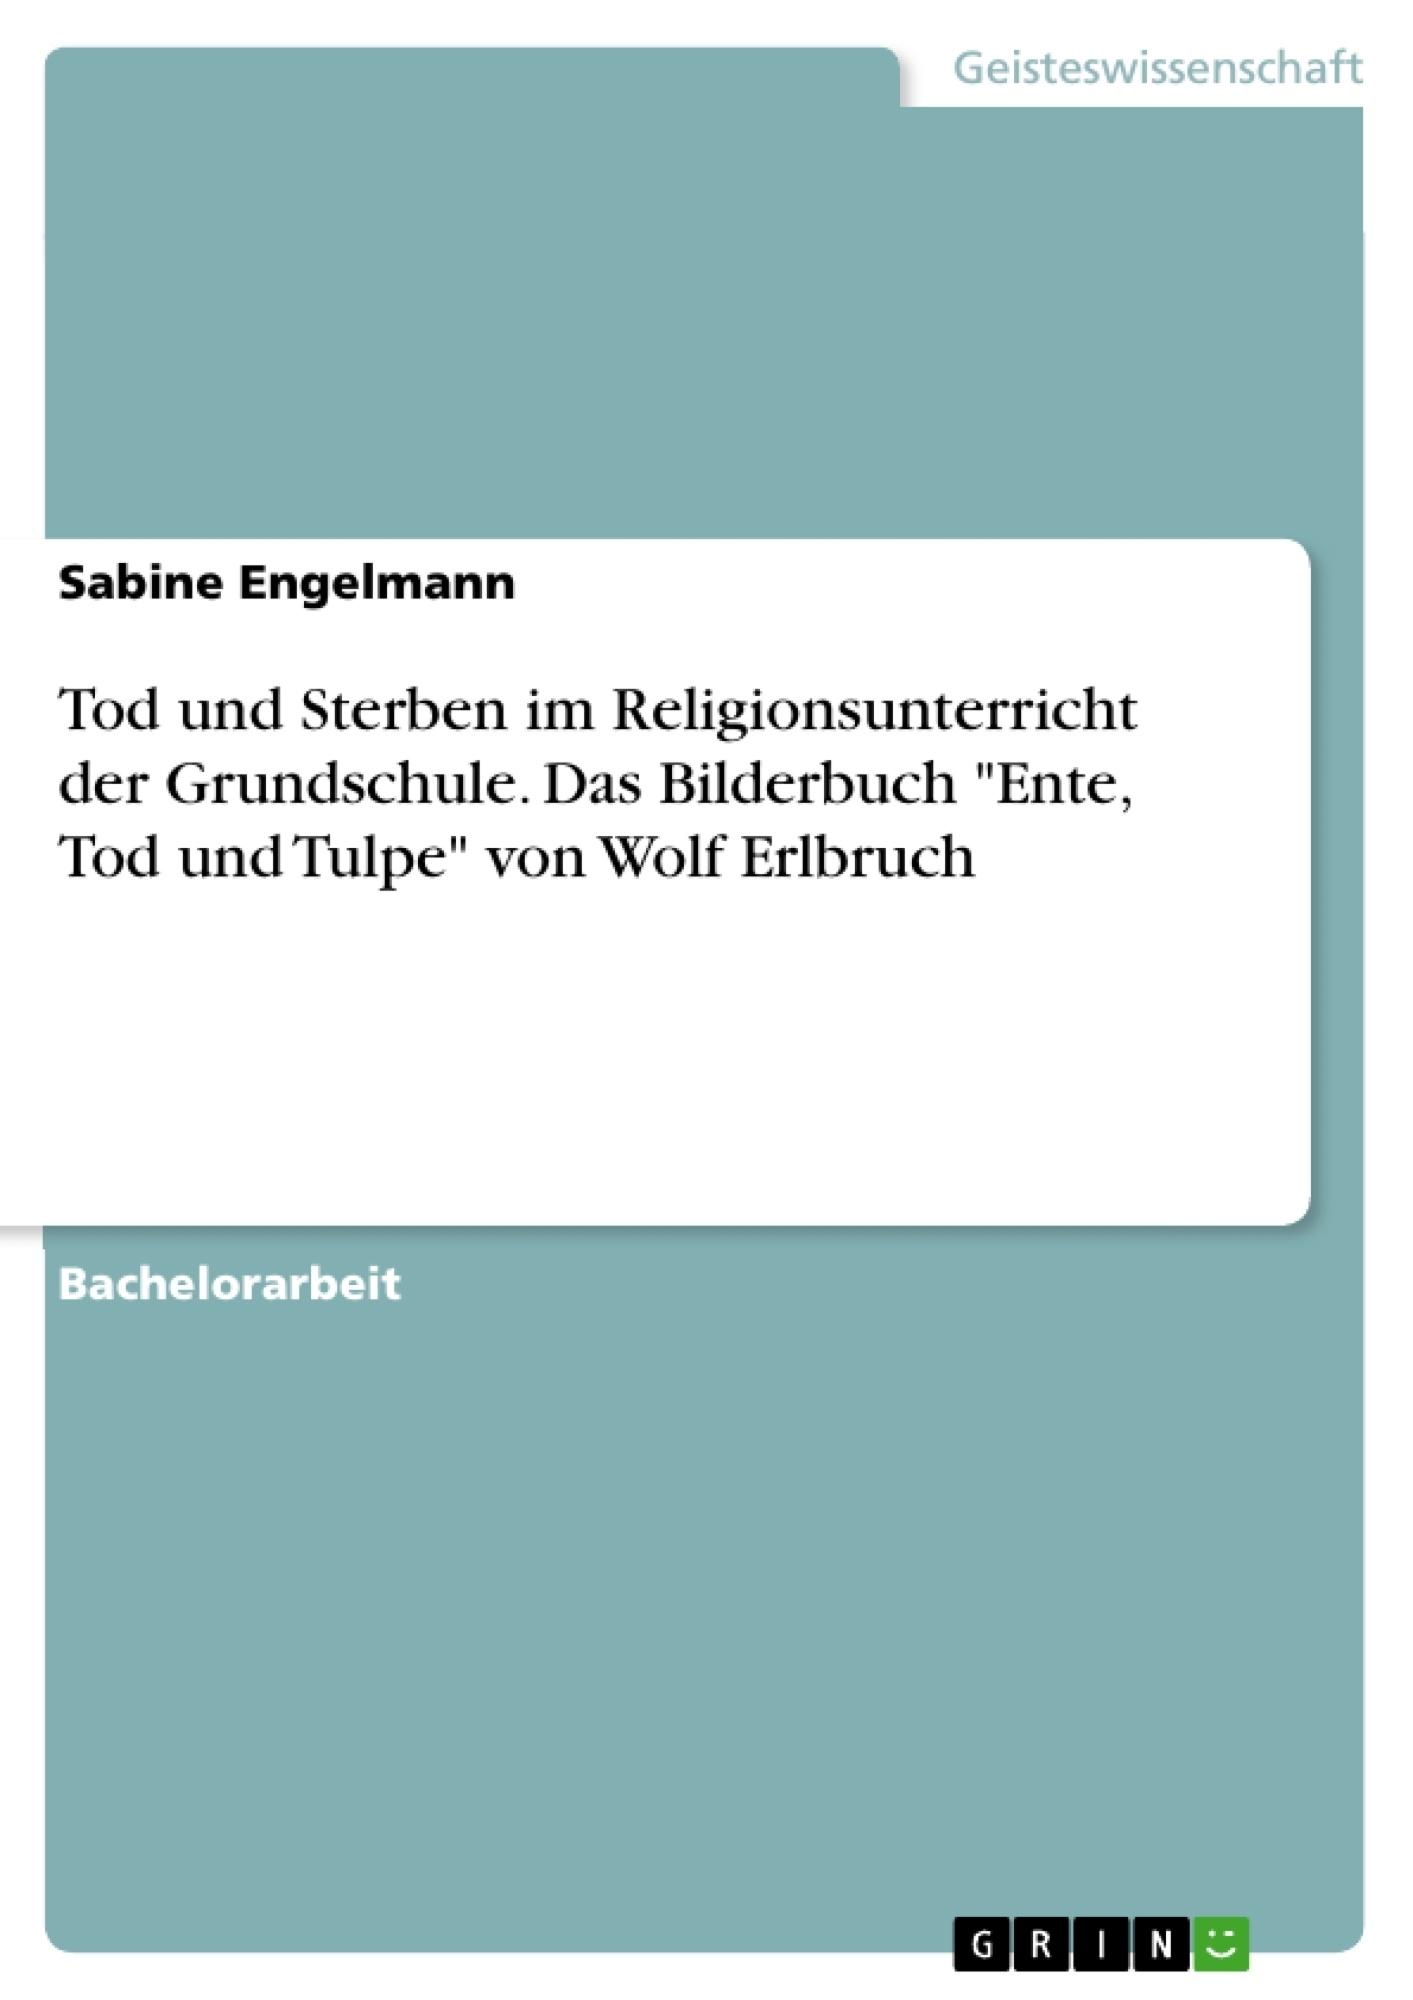 """Titel: Tod und Sterben im Religionsunterricht der Grundschule. Das Bilderbuch """"Ente, Tod und Tulpe"""" von Wolf Erlbruch"""